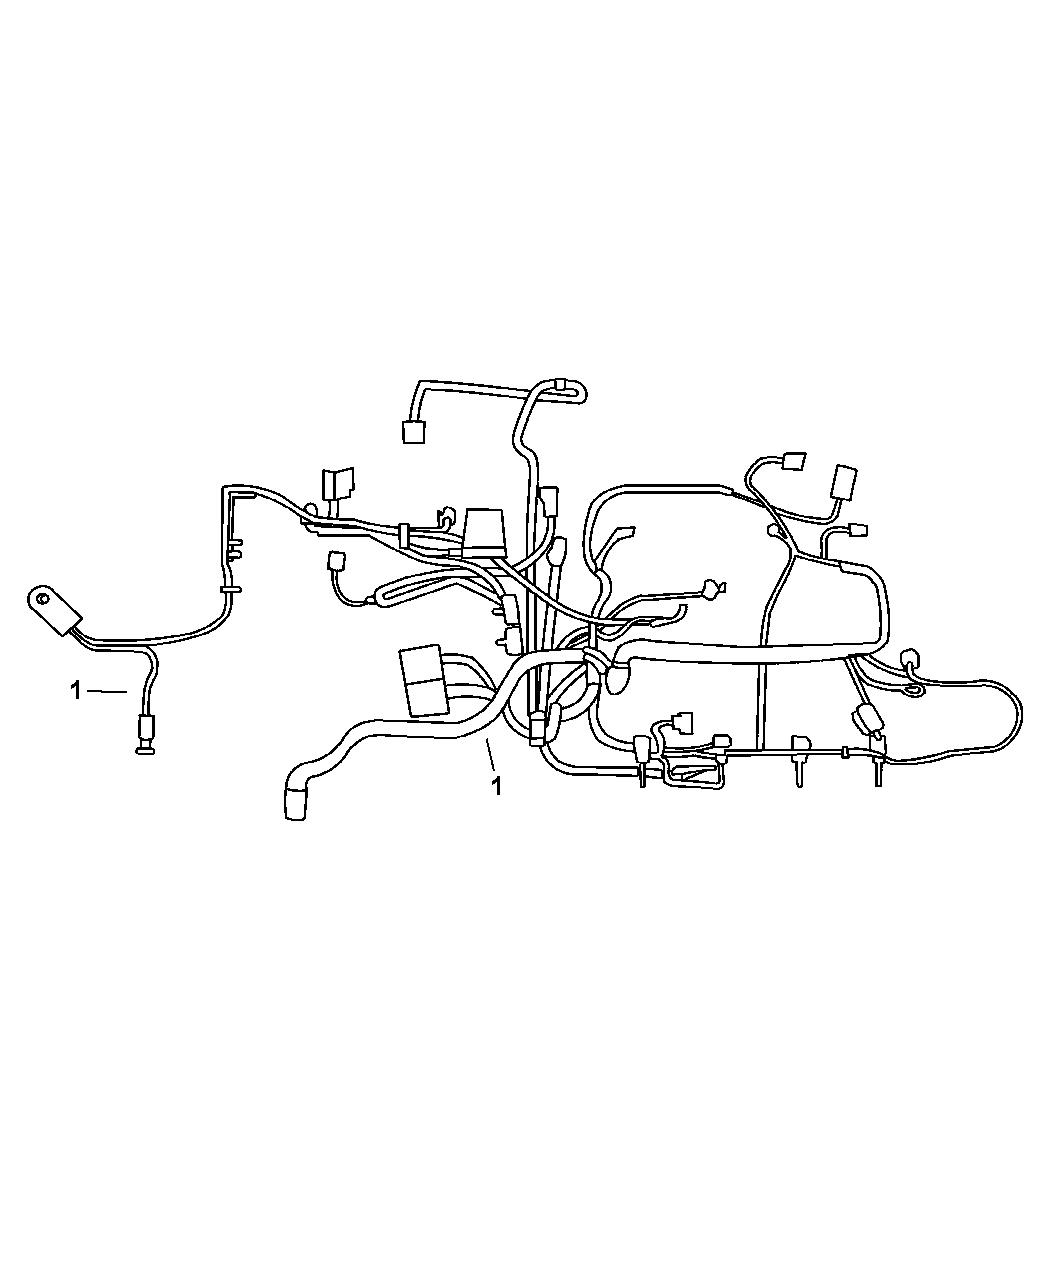 2003 Dodge Stratu 2 7 Engine Diagram